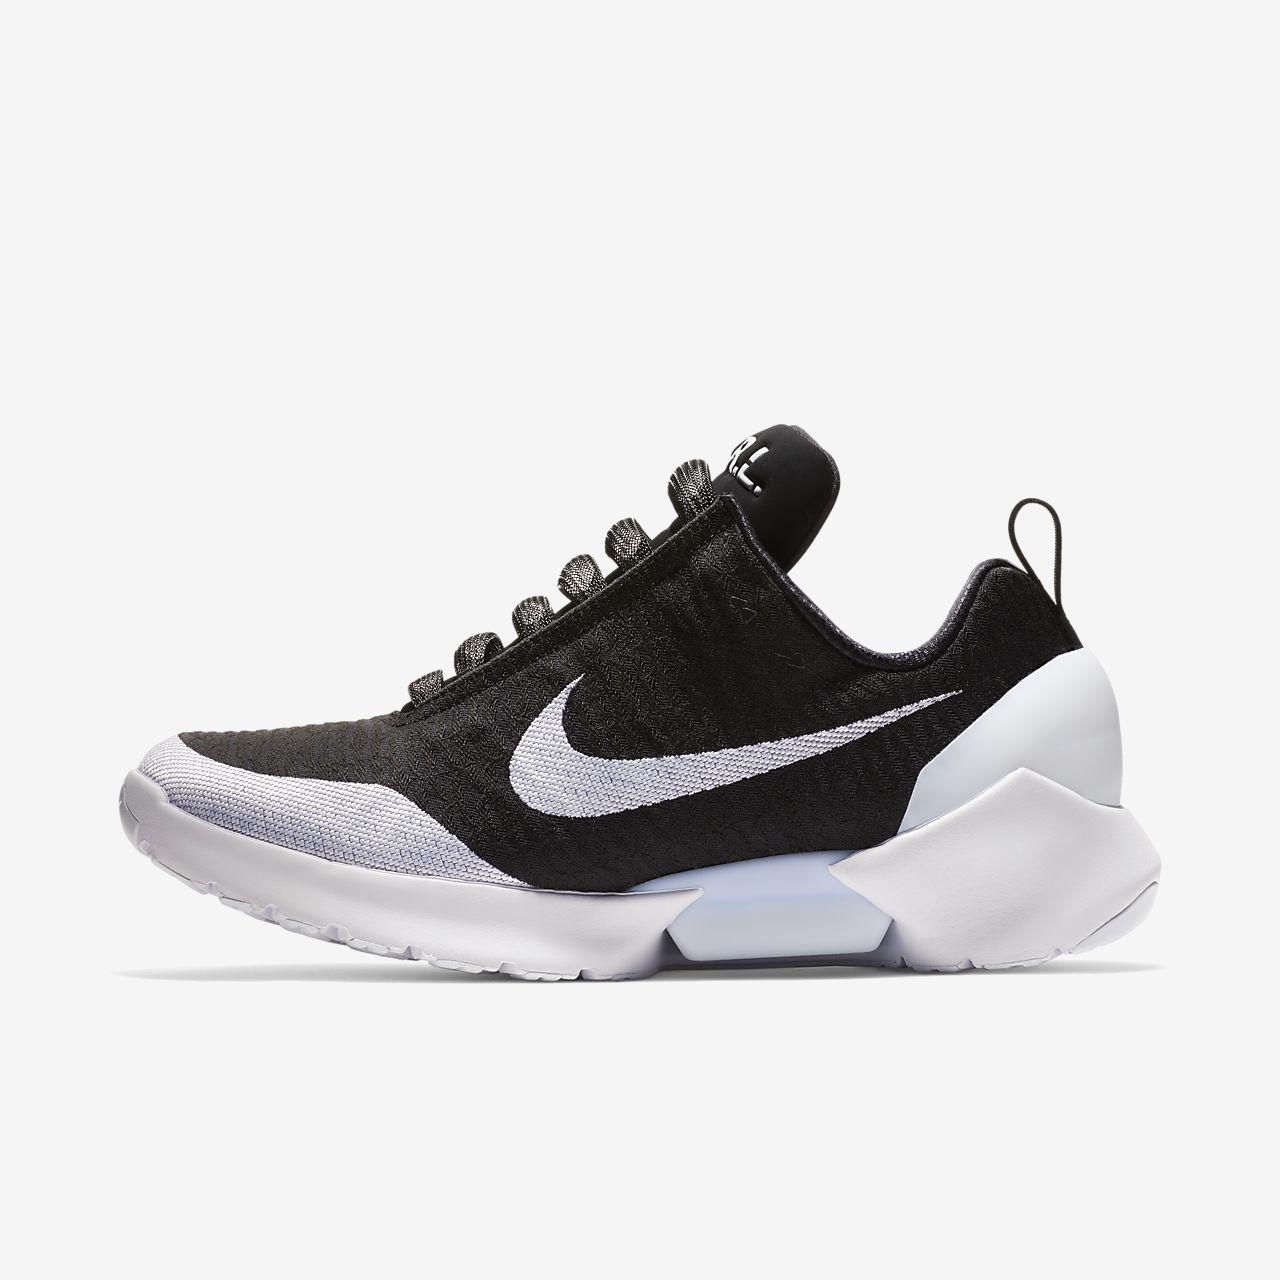 sale retailer 771a0 6b746 ... Nike HyperAdapt 1.0 (toma europea) Zapatillas - Hombre